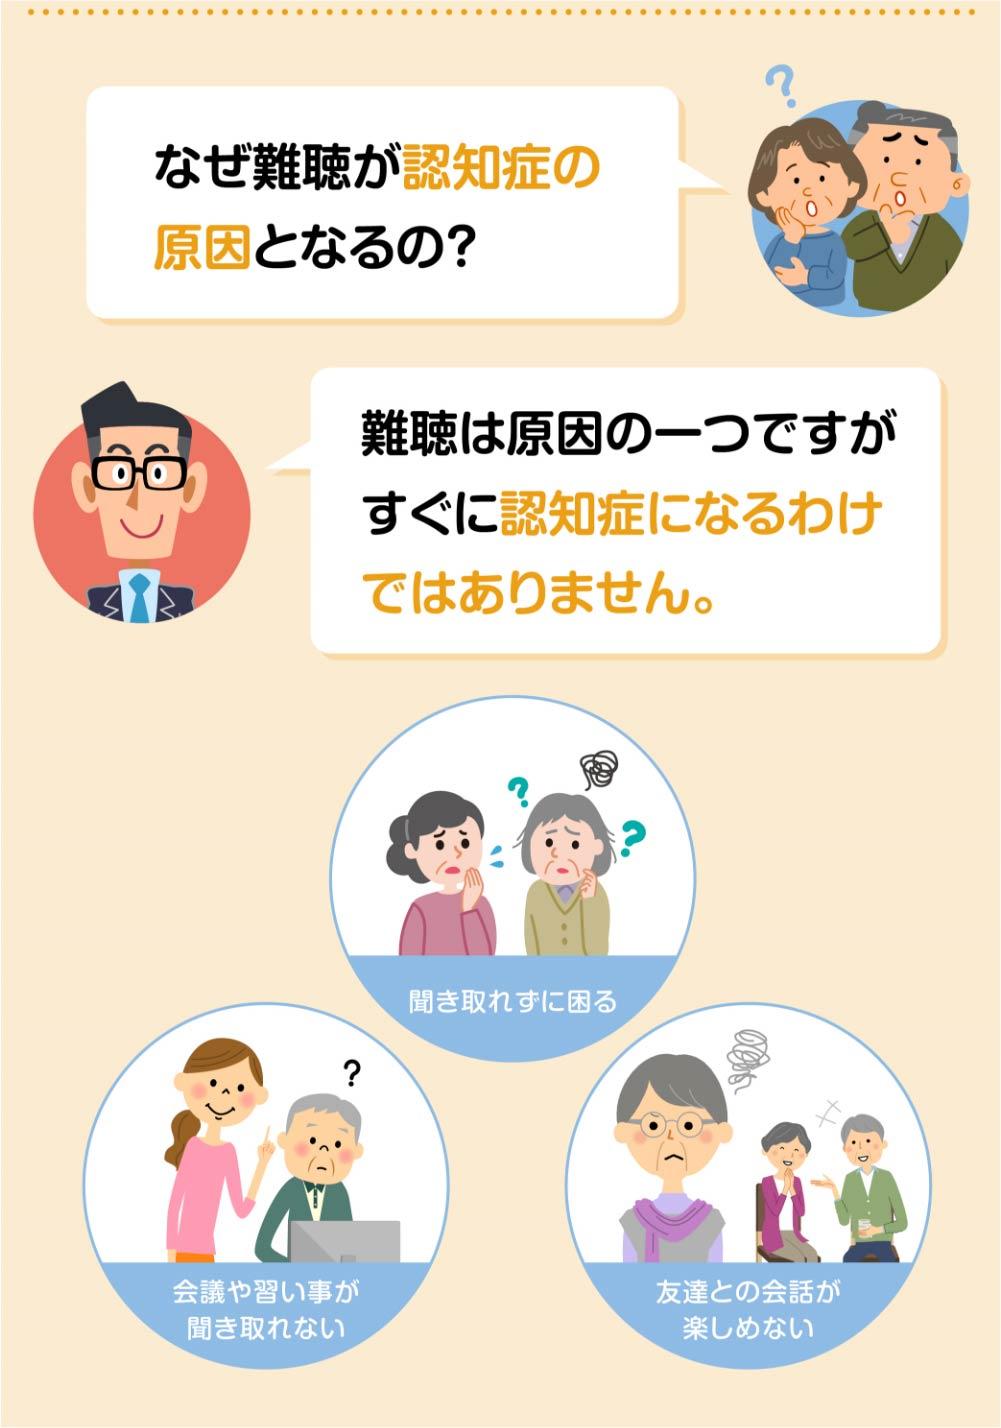 なぜ難聴が認知症の 原因となるの? 難聴は原因の一つですが すぐに認知症になるわけ ではありません。  聞き取れずに困る 会議や習い事が聞き取れない 友達との会話が楽しめない